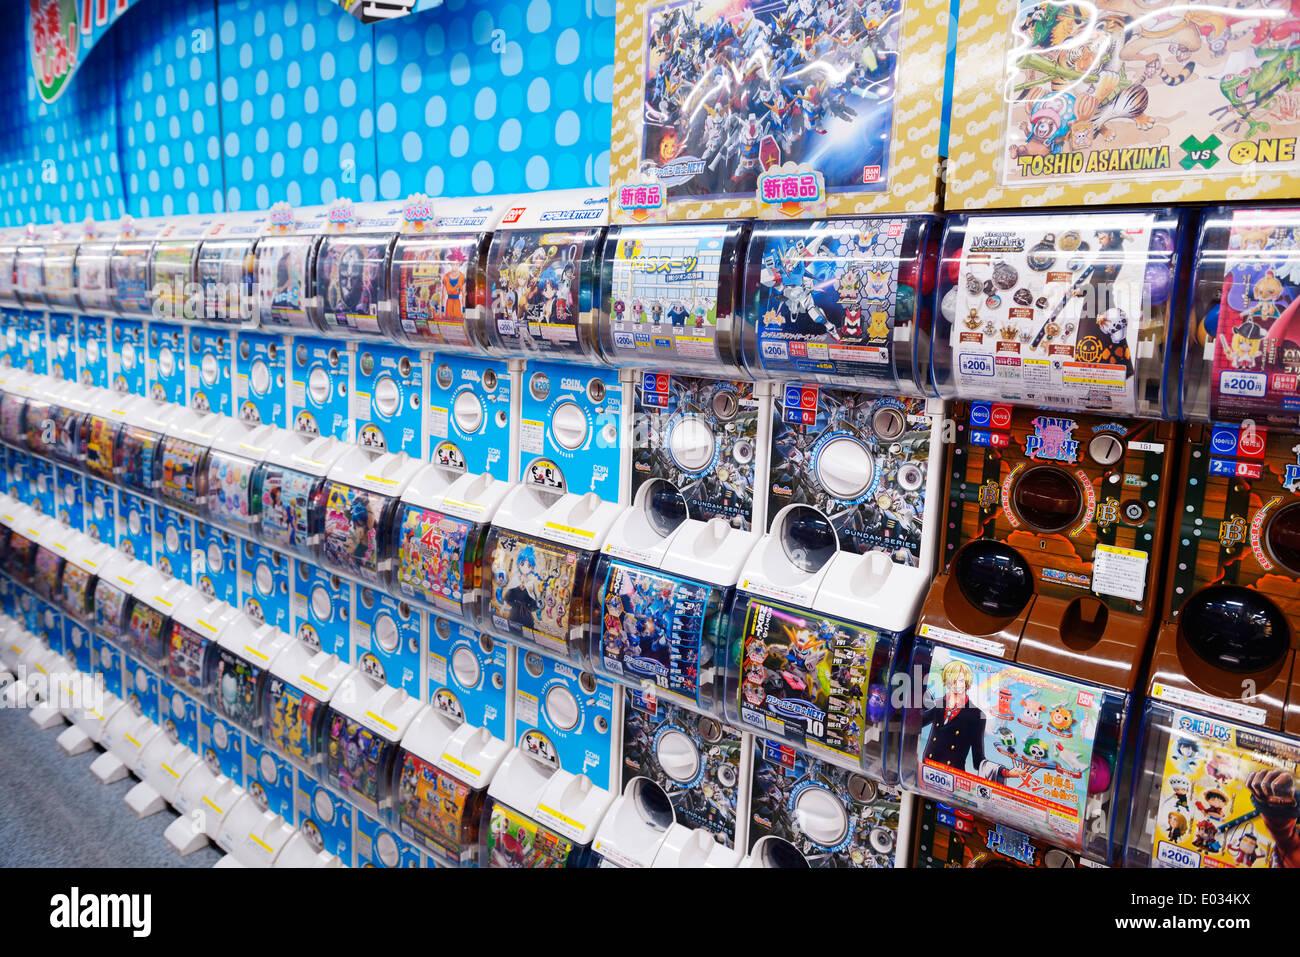 Kapsel-Station, Spielautomaten mit Action Figuren Anime-Figuren in Tokio, Japan Stockbild